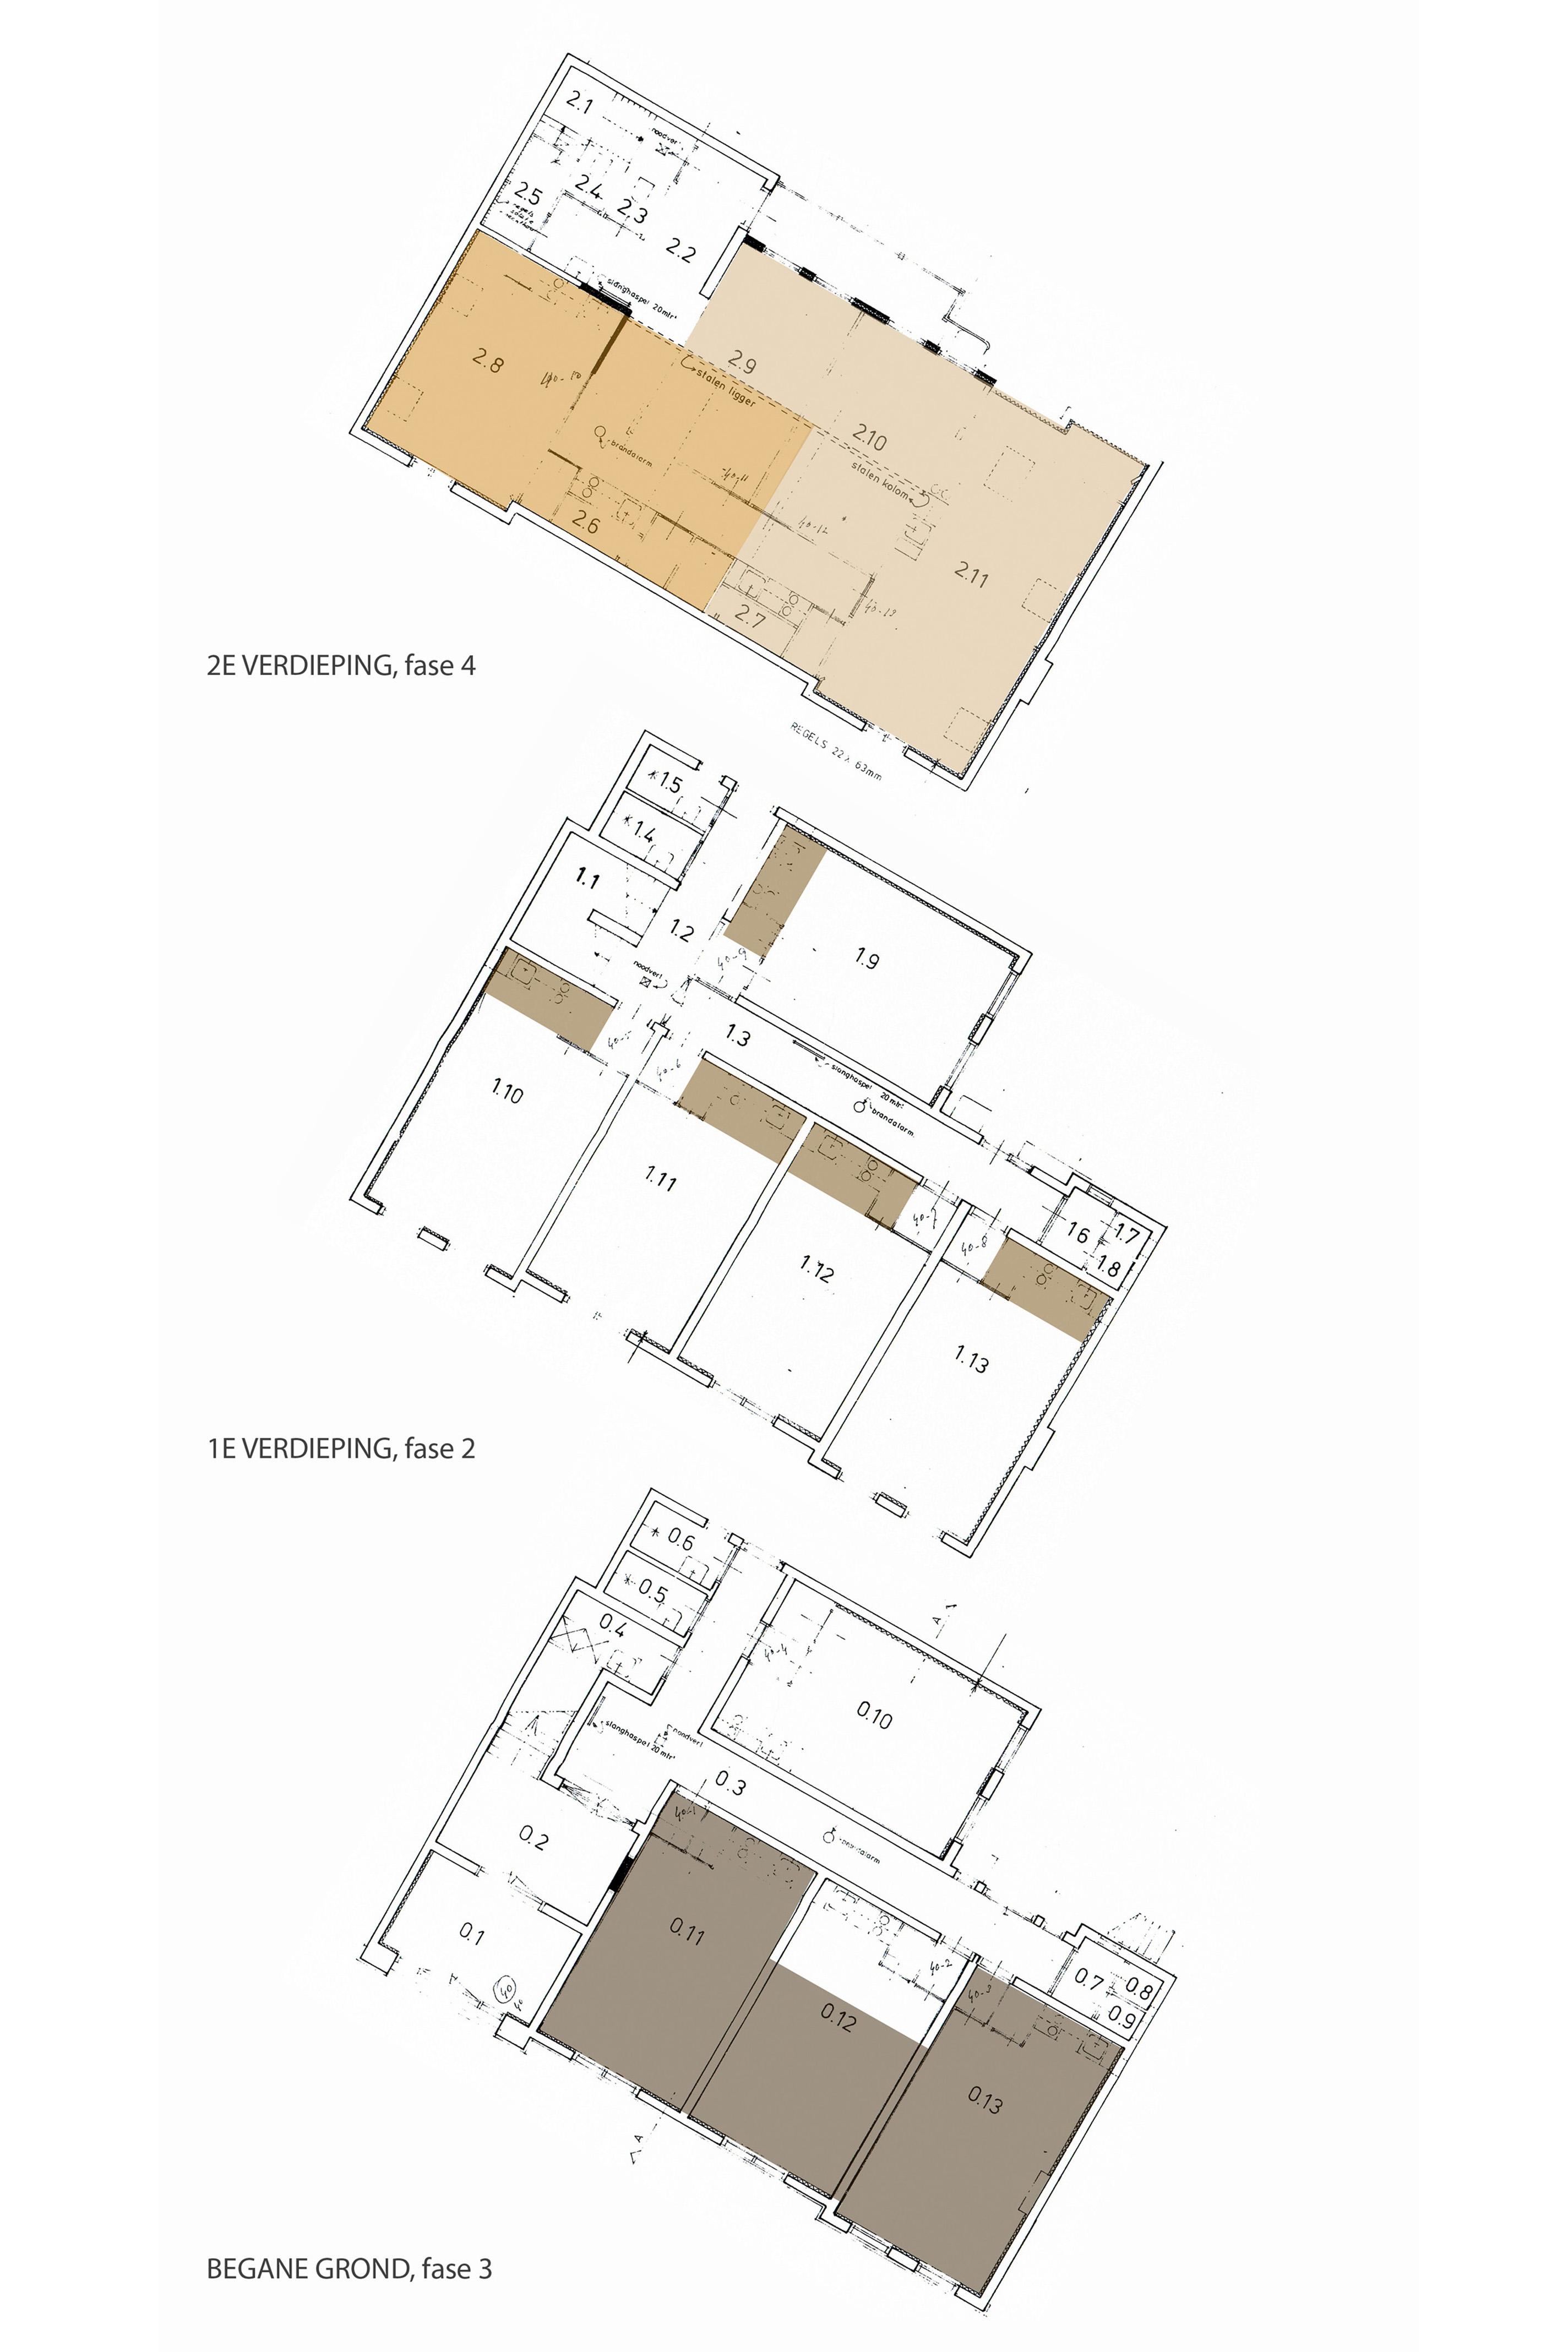 studio_stoel_architect_kampen_interieur_zorg_wwonvorm_la_touche (5)